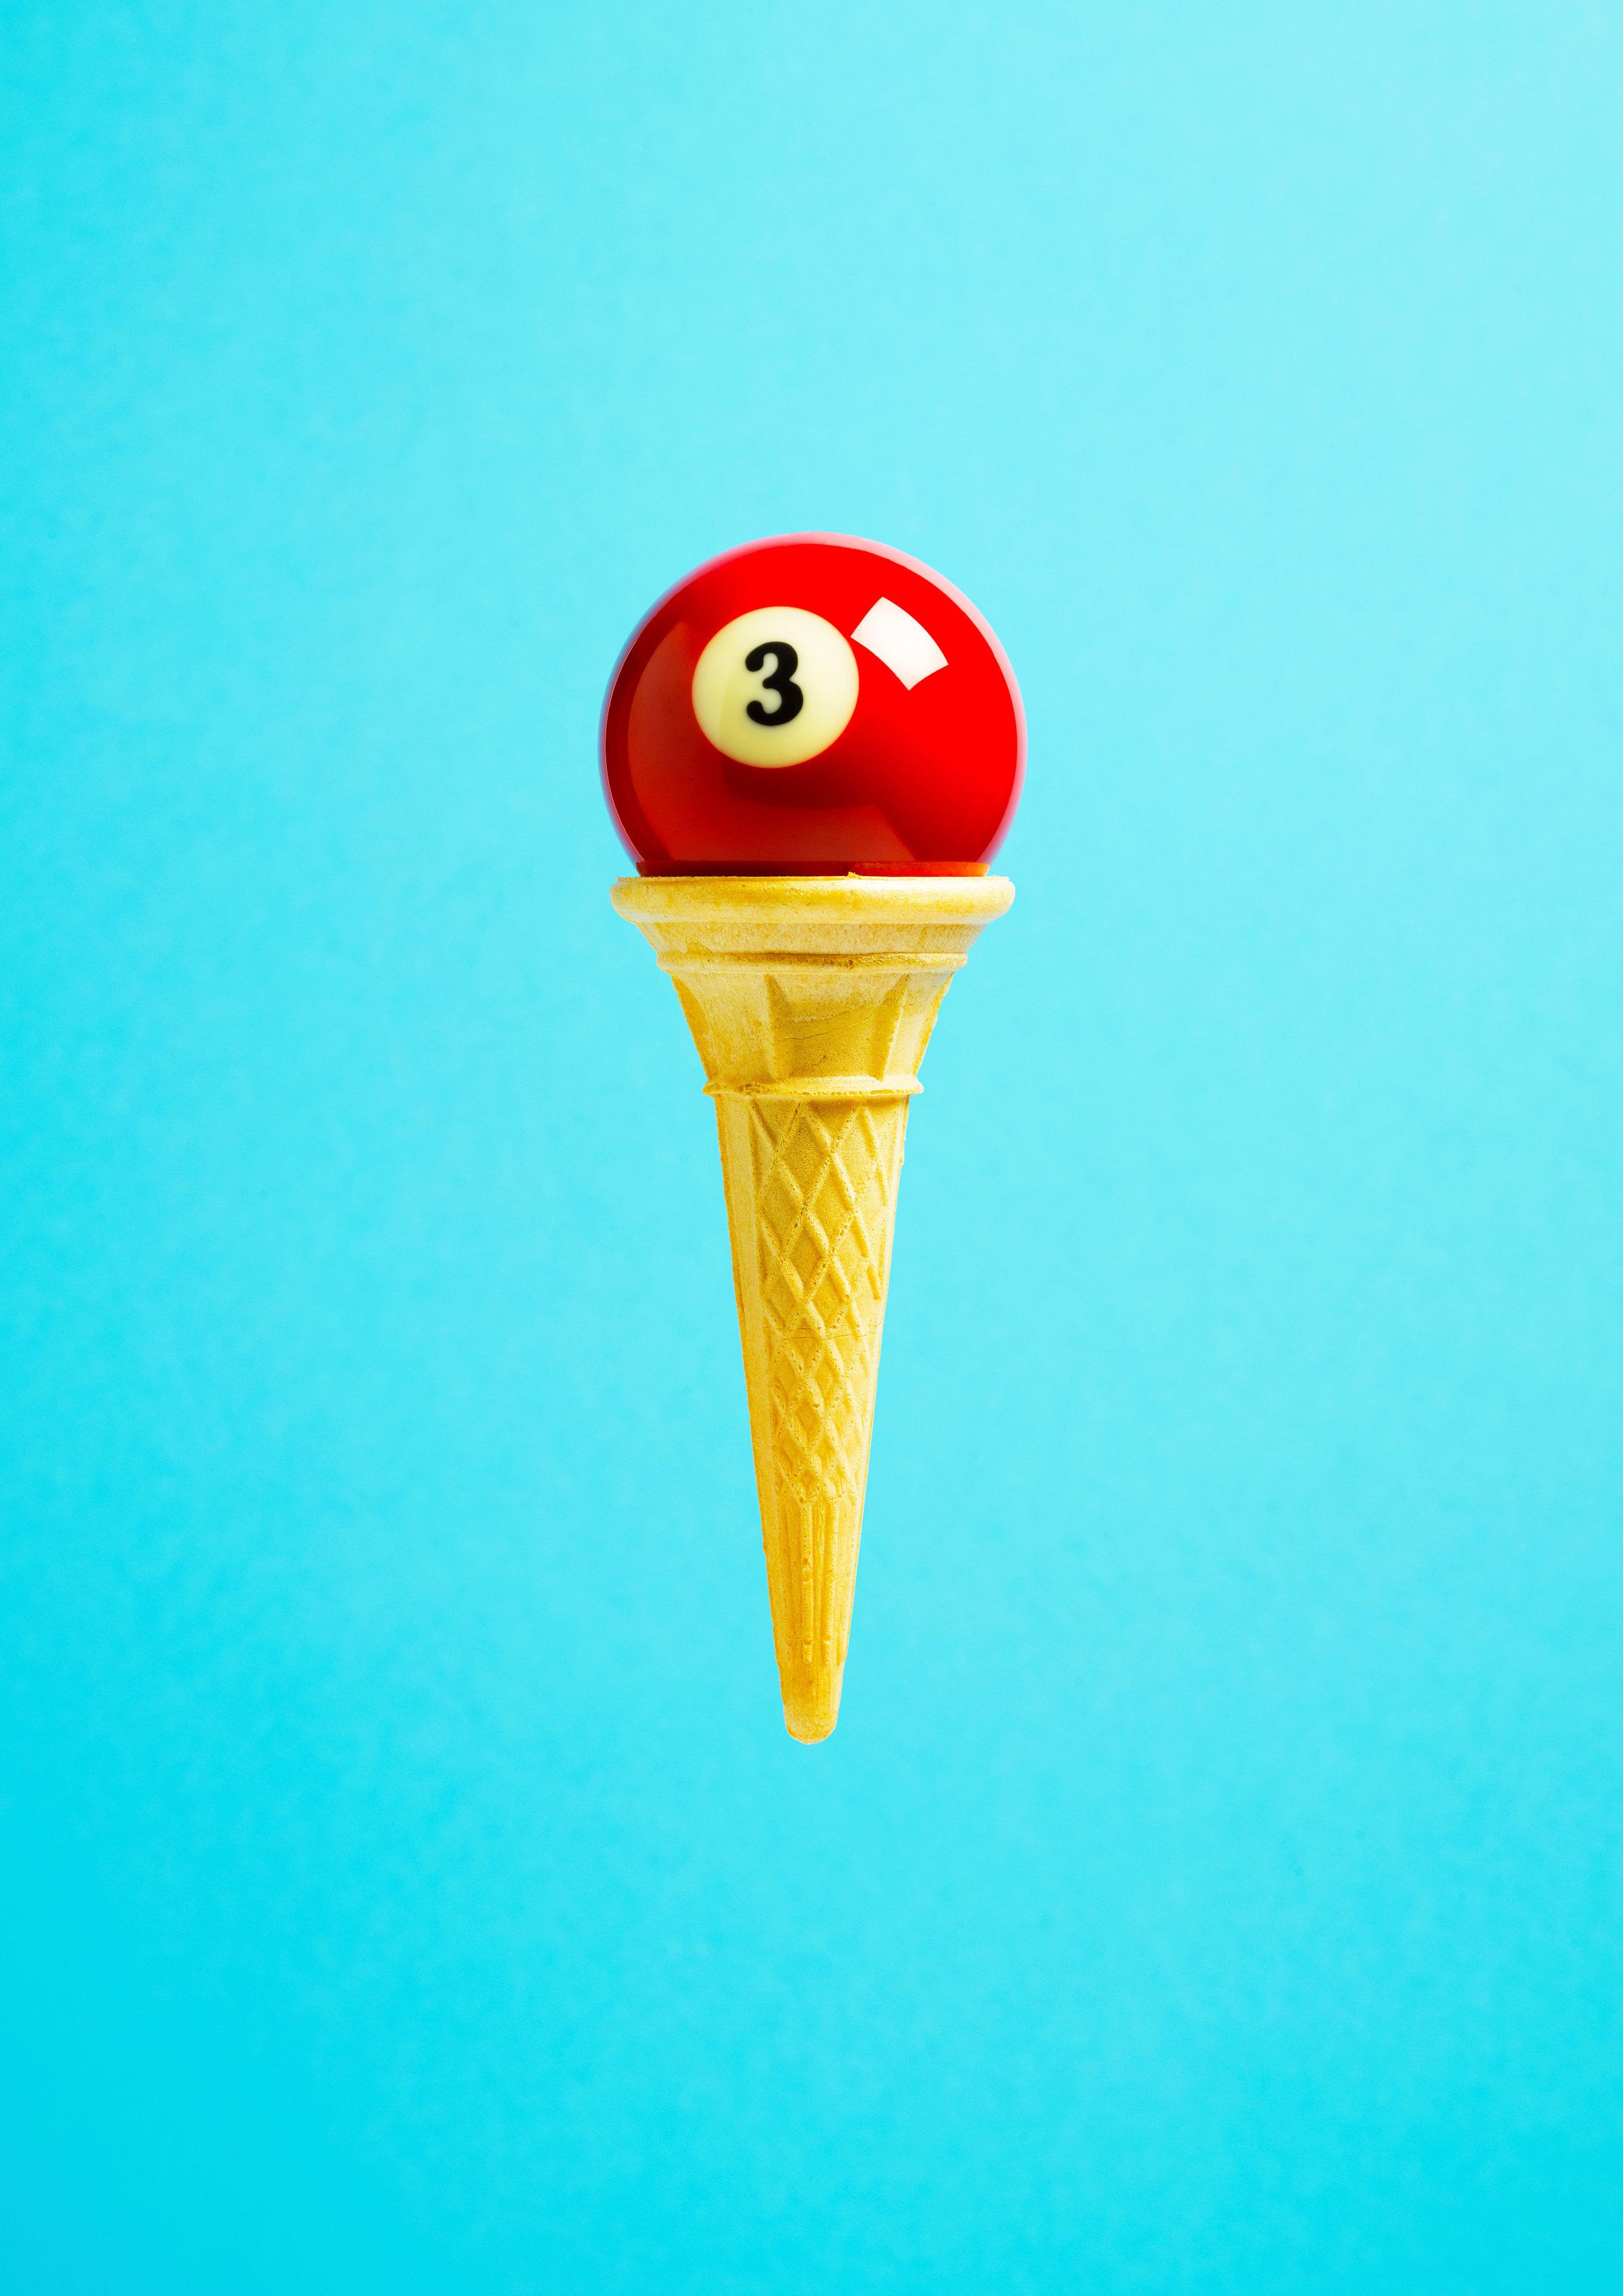 3-Ball.jpg